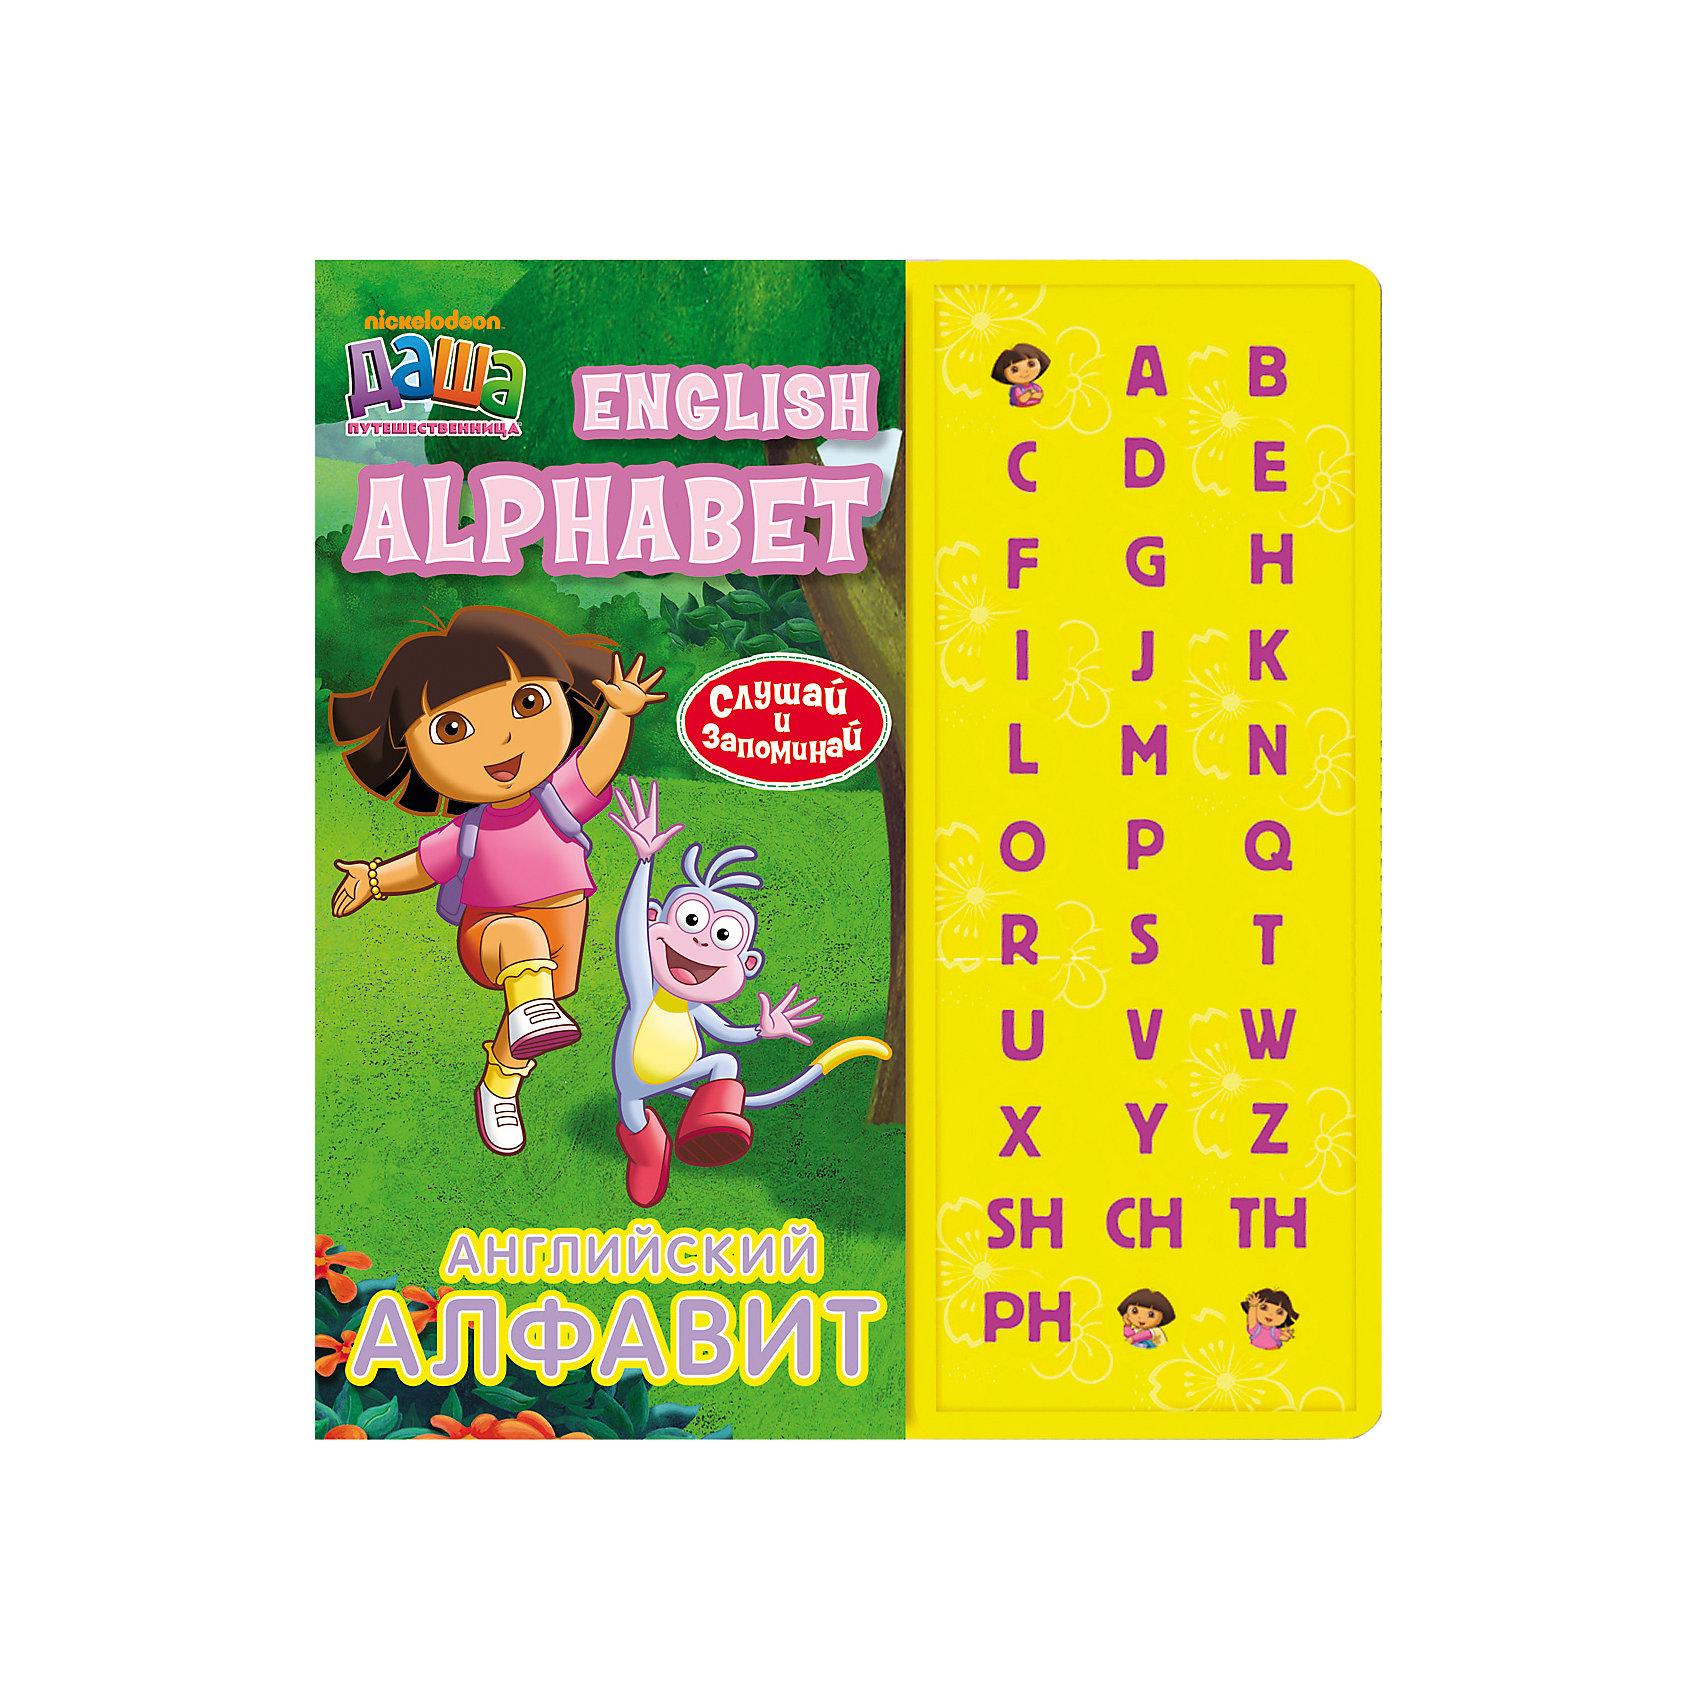 Английский алфавит (33 кнопки), Даша-путешественницаРосмэн<br>Английский алфавит (33 кнопки), Даша-путешественница<br><br>Характеристики:<br>- количество страниц: 16<br>- формат: 30 * 1 * 26 см.<br>- Тип обложки: 7Бц – твердая целлофинированная<br>- Иллюстрации: цветные<br>- вес: 671 гр.<br><br>Английская азбука с любимой героиней мультсериала Дашей Путешественницей сделает изучение нового алфавита еще веселее. Благодаря музыкальному модулю ребенок может изучать буквы и их звучание сам. Интерактивные кнопки научат малыша произносить буквы, а увлекательные задания сделают изучение приятной игрой с любимыми персонажами. Нестандартный подход к изучению алфавита поможет привлечь внимание ребенка и принести больше результатов. <br>Английский алфавит (33 кнопки), Даша-путешественница можно купить в нашем интернет-магазине.<br>Подробнее:<br>• ISBN: 9785353058922<br>• Для детей в возрасте: от 0 до 5 лет<br>• Номер товара: 5109589<br>Страна производитель: Китай<br><br>Ширина мм: 300<br>Глубина мм: 255<br>Высота мм: 10<br>Вес г: 671<br>Возраст от месяцев: 0<br>Возраст до месяцев: 36<br>Пол: Женский<br>Возраст: Детский<br>SKU: 5109589